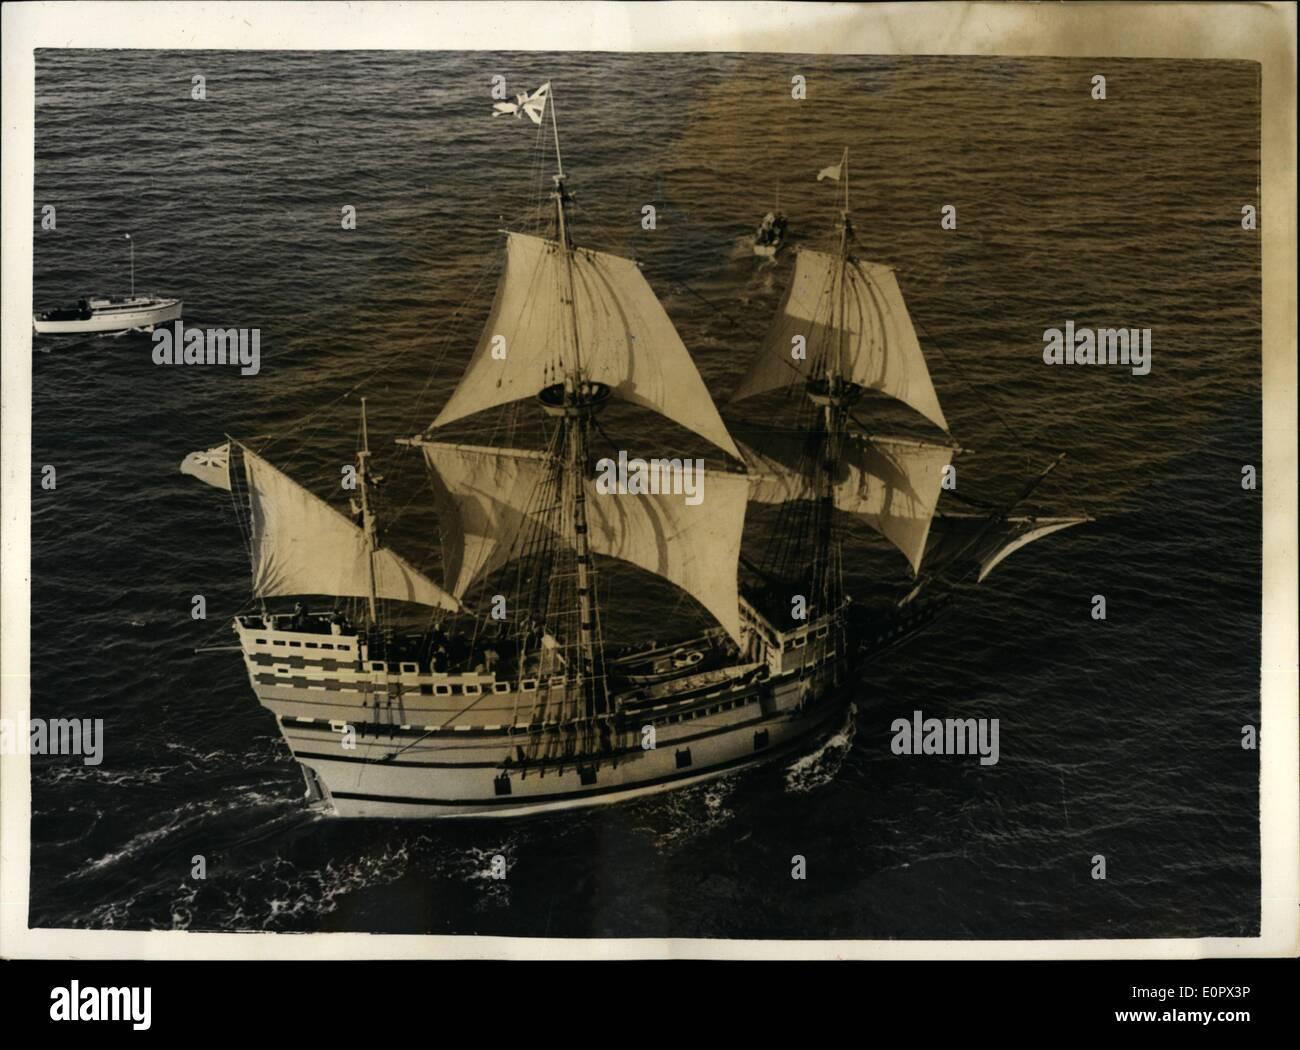 4. April 1957 - der '' Mayflower II'' unter Segel - am letzten.: '' Mayflower II'' reiste unter Segel zum ersten Stockfoto